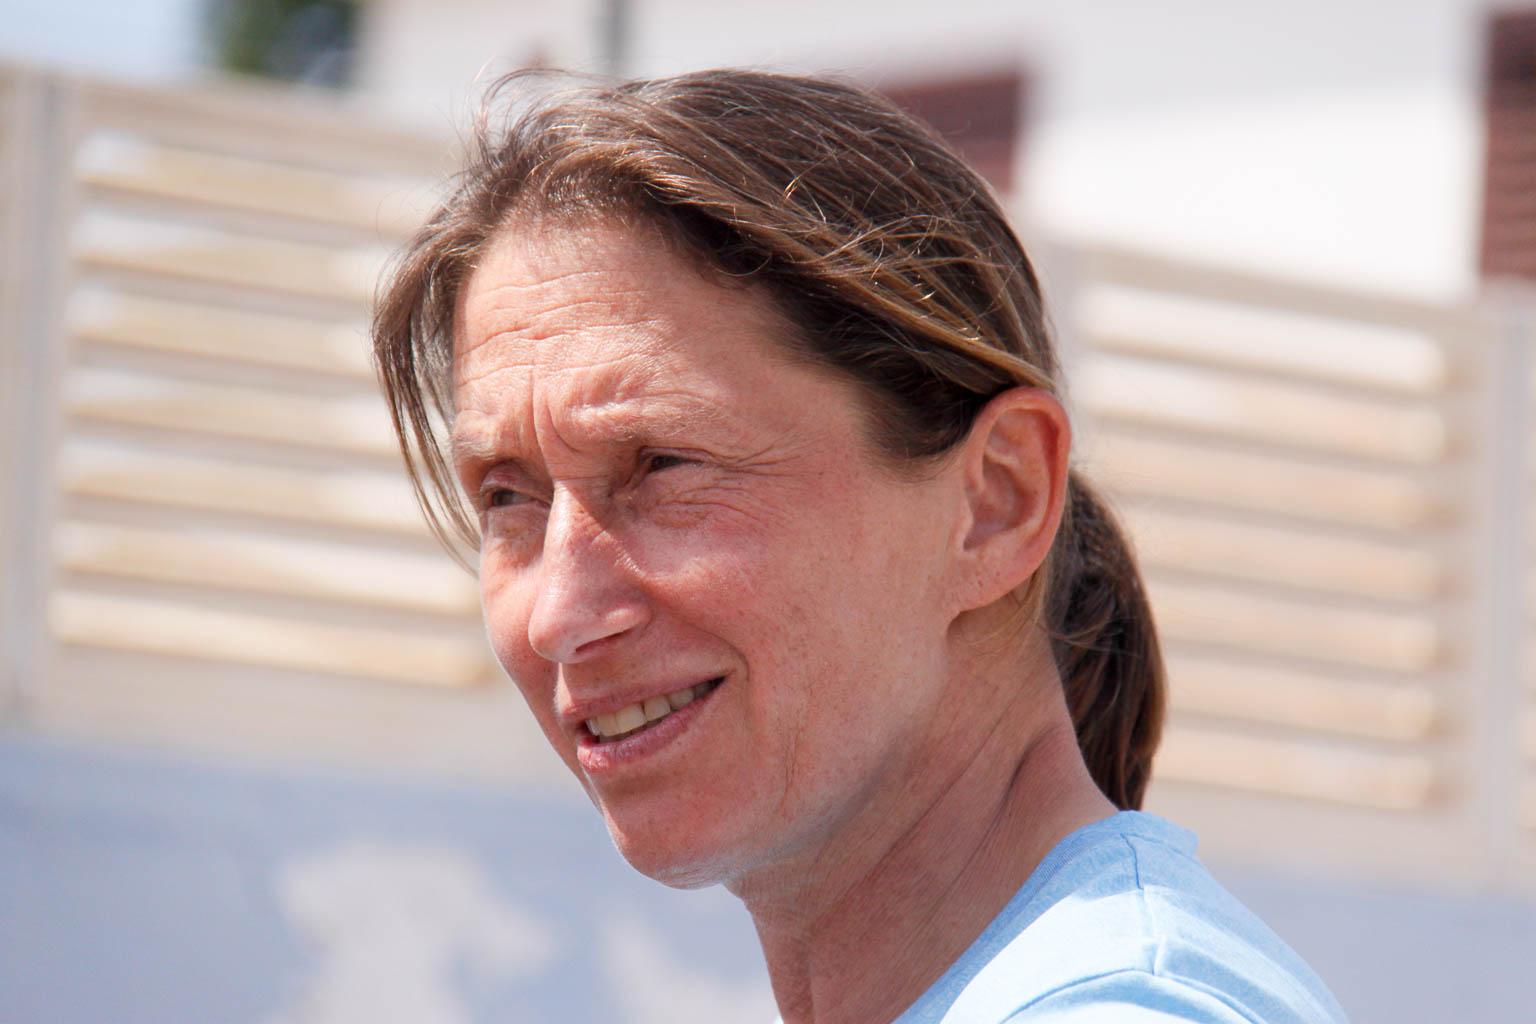 Claudia Tolksdorf springt bei den Deutschen knapp am Podium vorbei